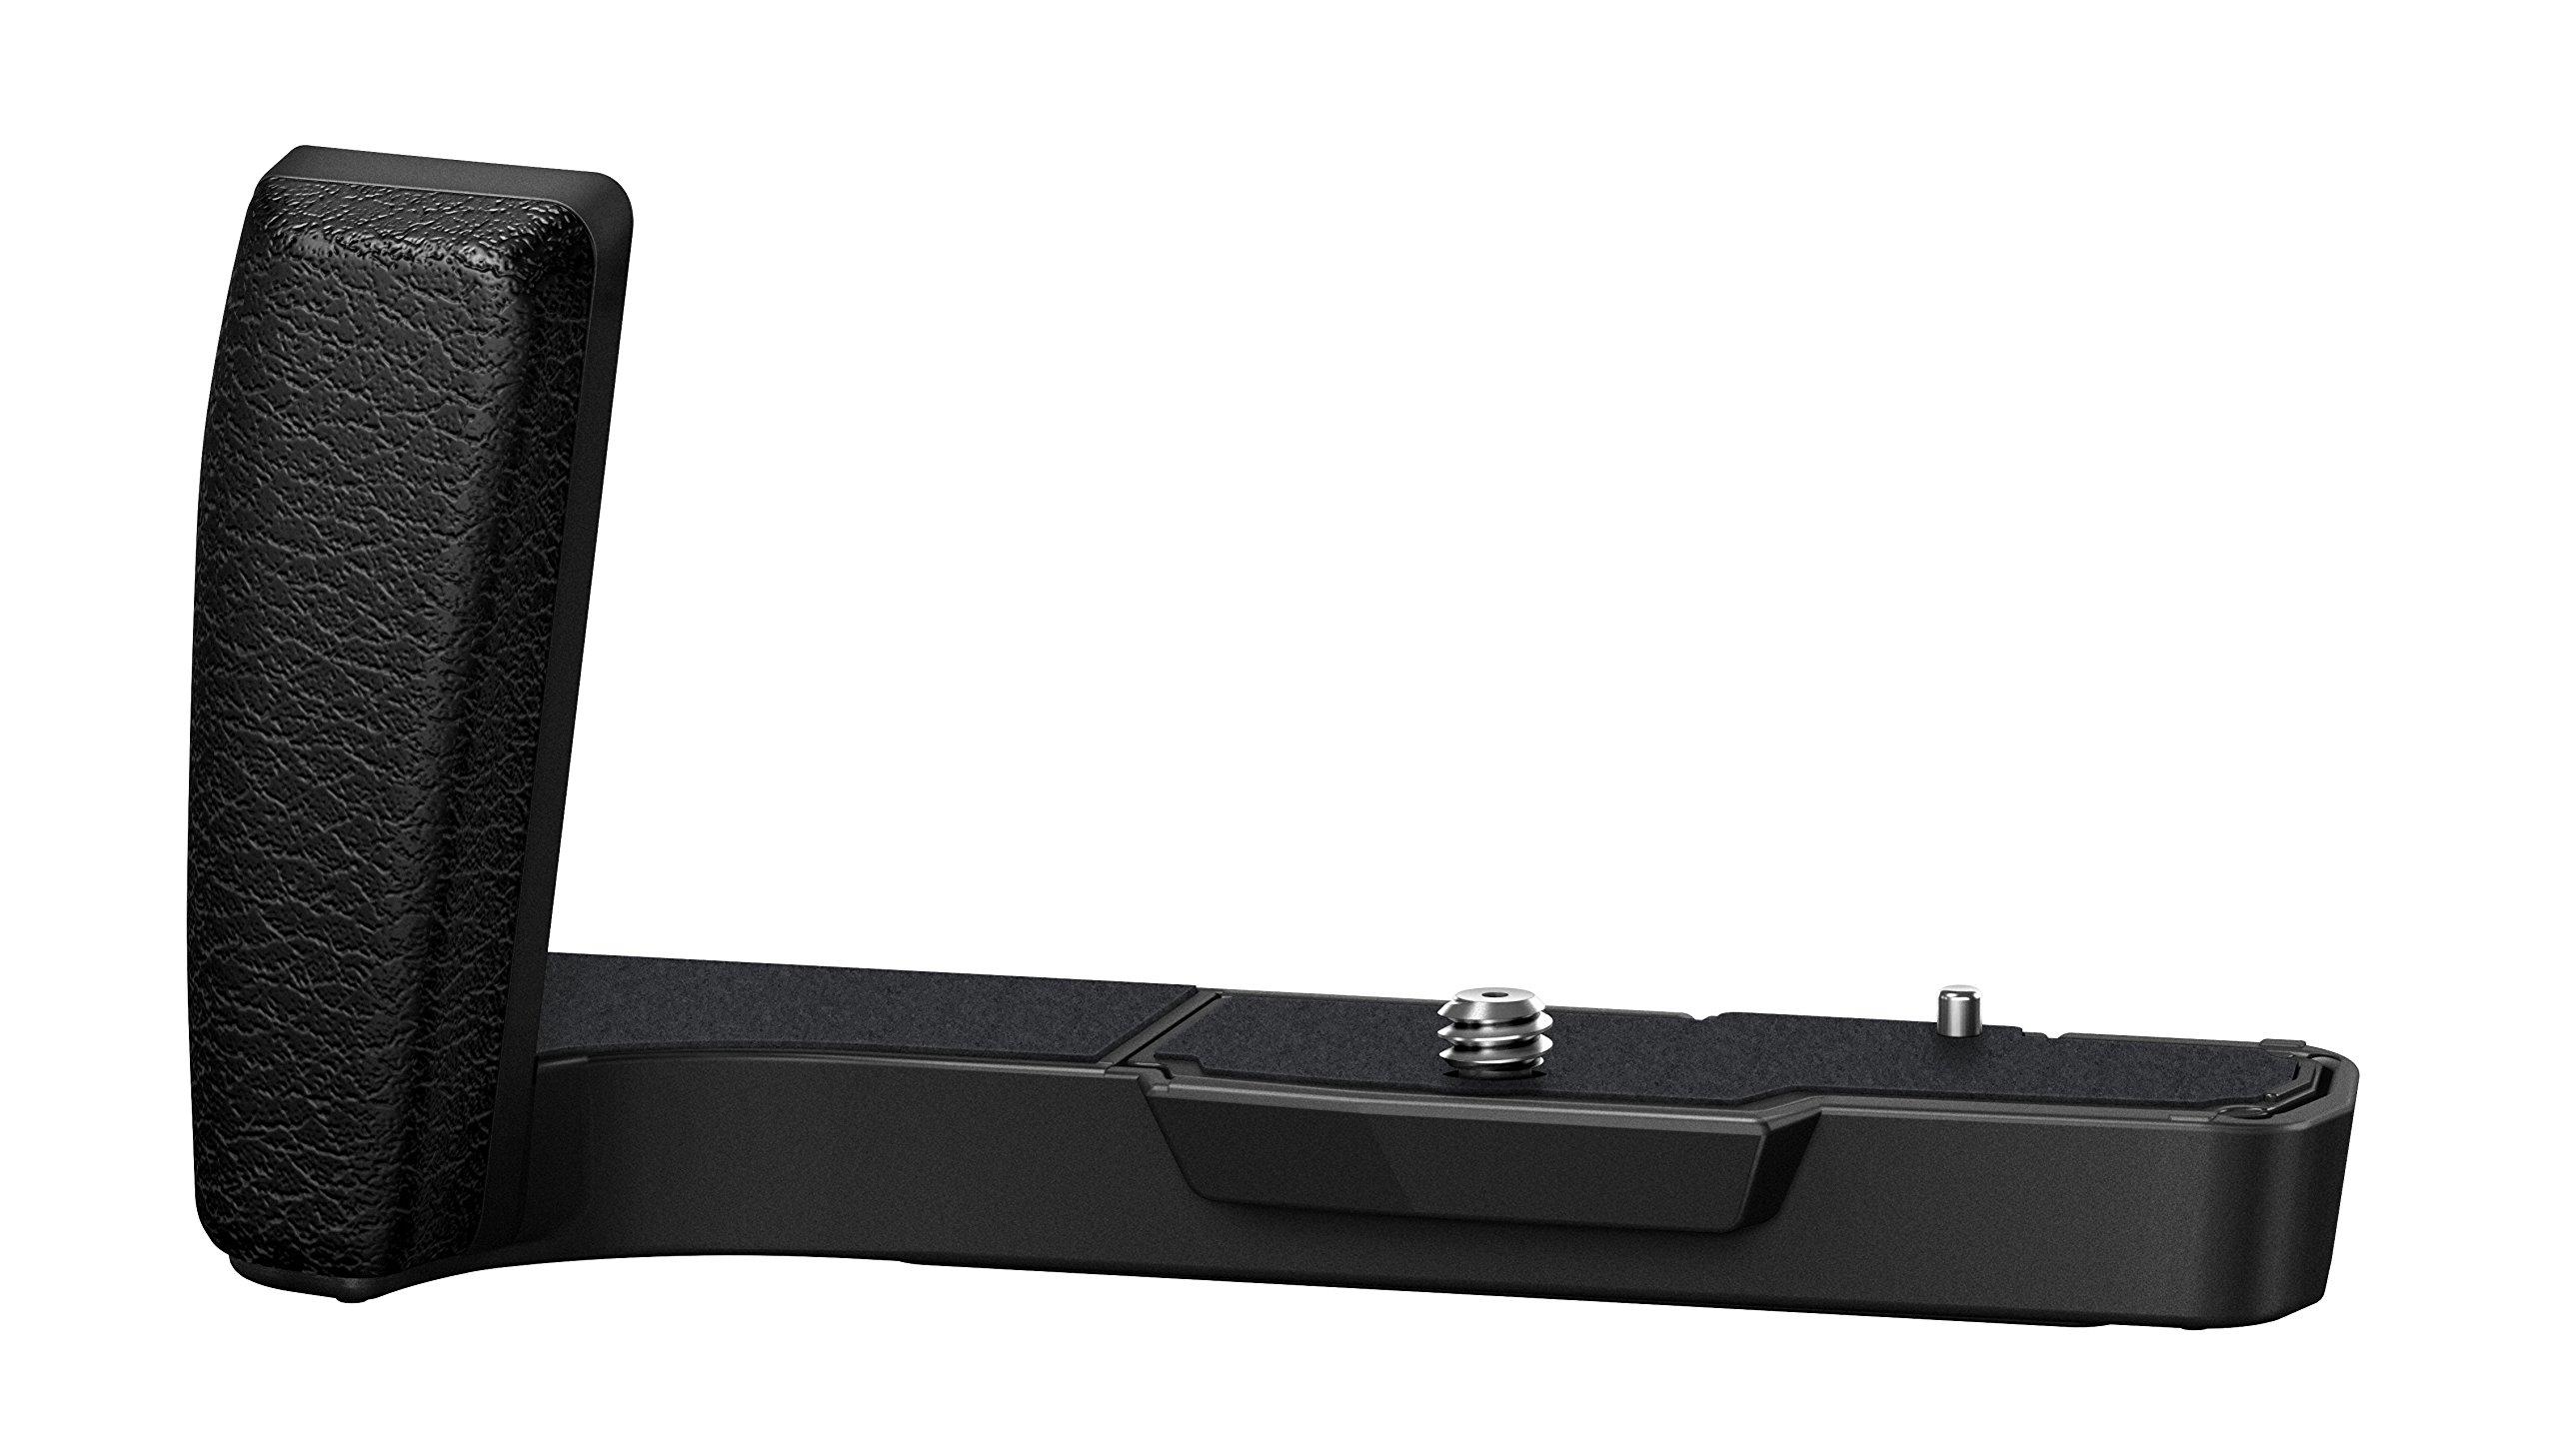 Olympus ECG-3  Grip for the Olympus OM-D E-M10 Mark II